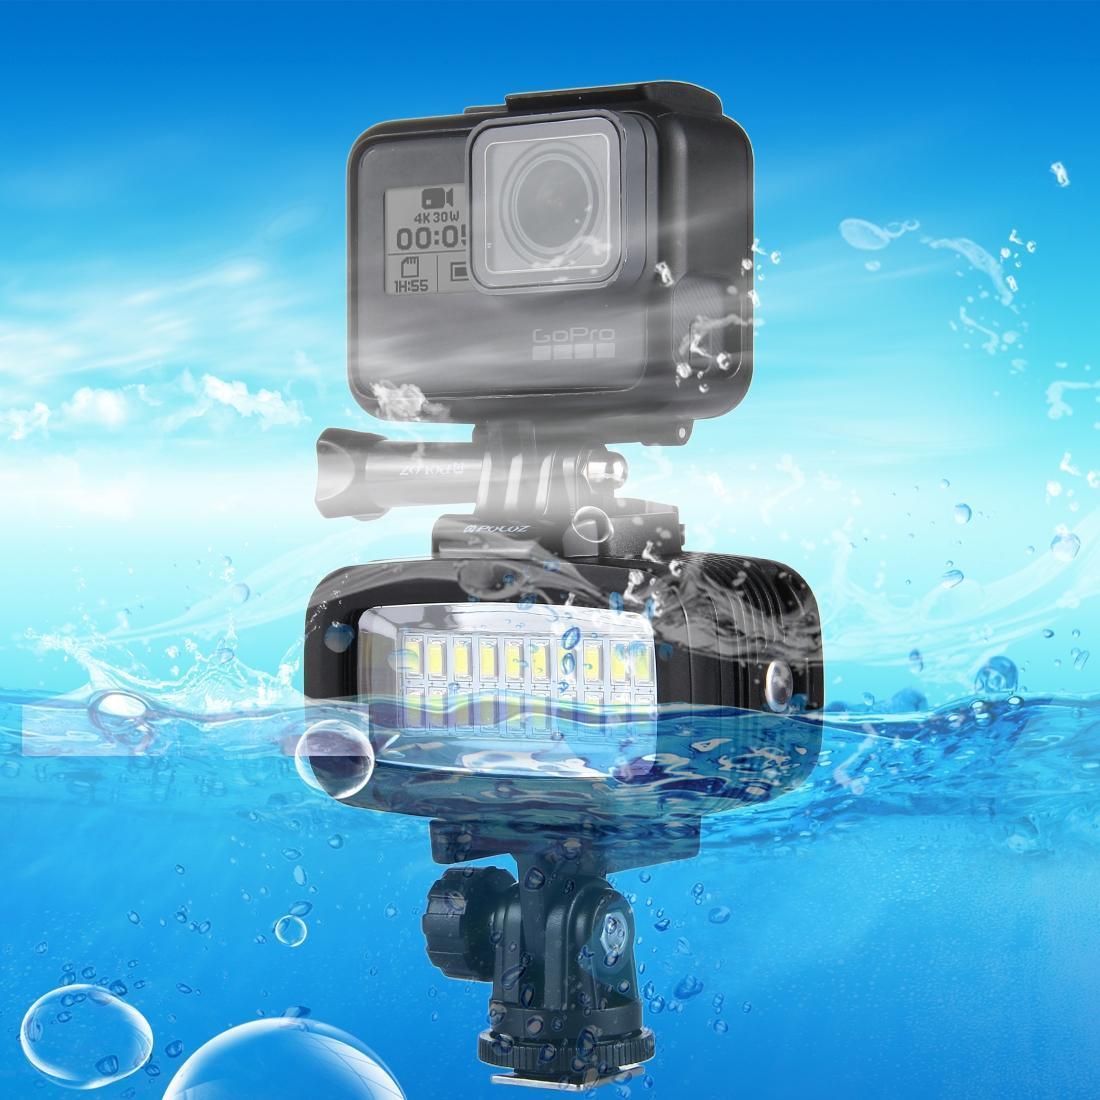 PULUZ 20 LED 40m impermeable IPX8 luz del estudio de video de fotos de luz con el zapato caliente la base del adaptador de liberación rápida hebilla tornillo largo 2 x Filtro